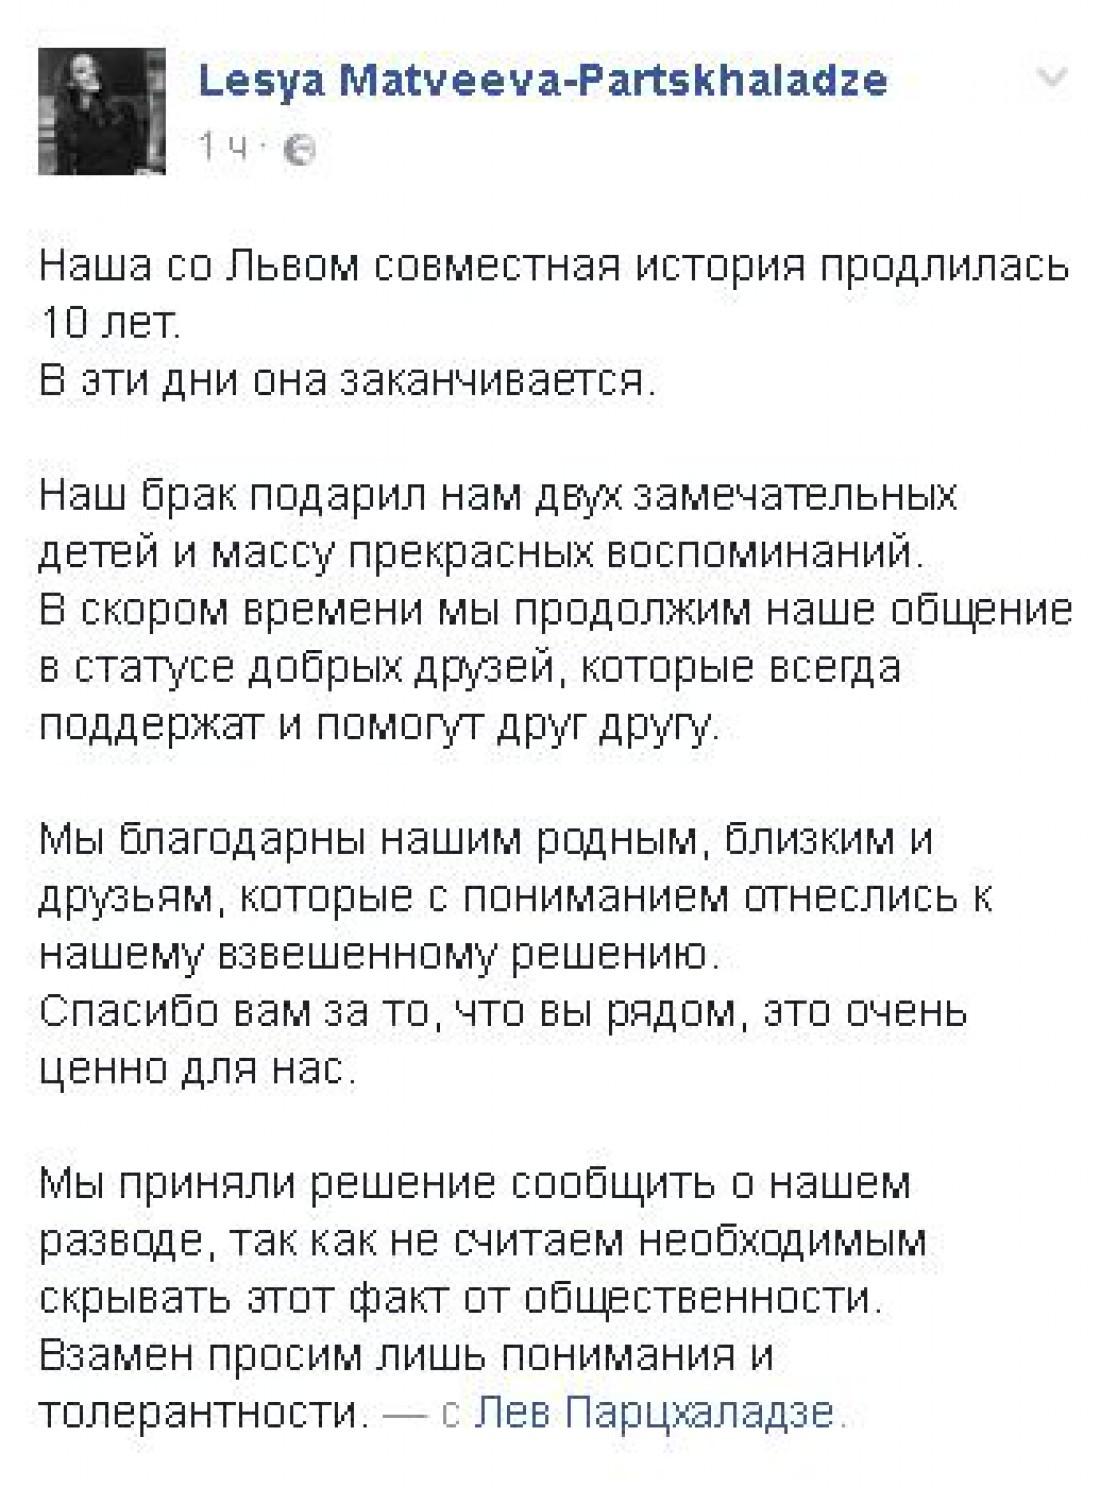 Запись в Facebook Леси Матвеевой